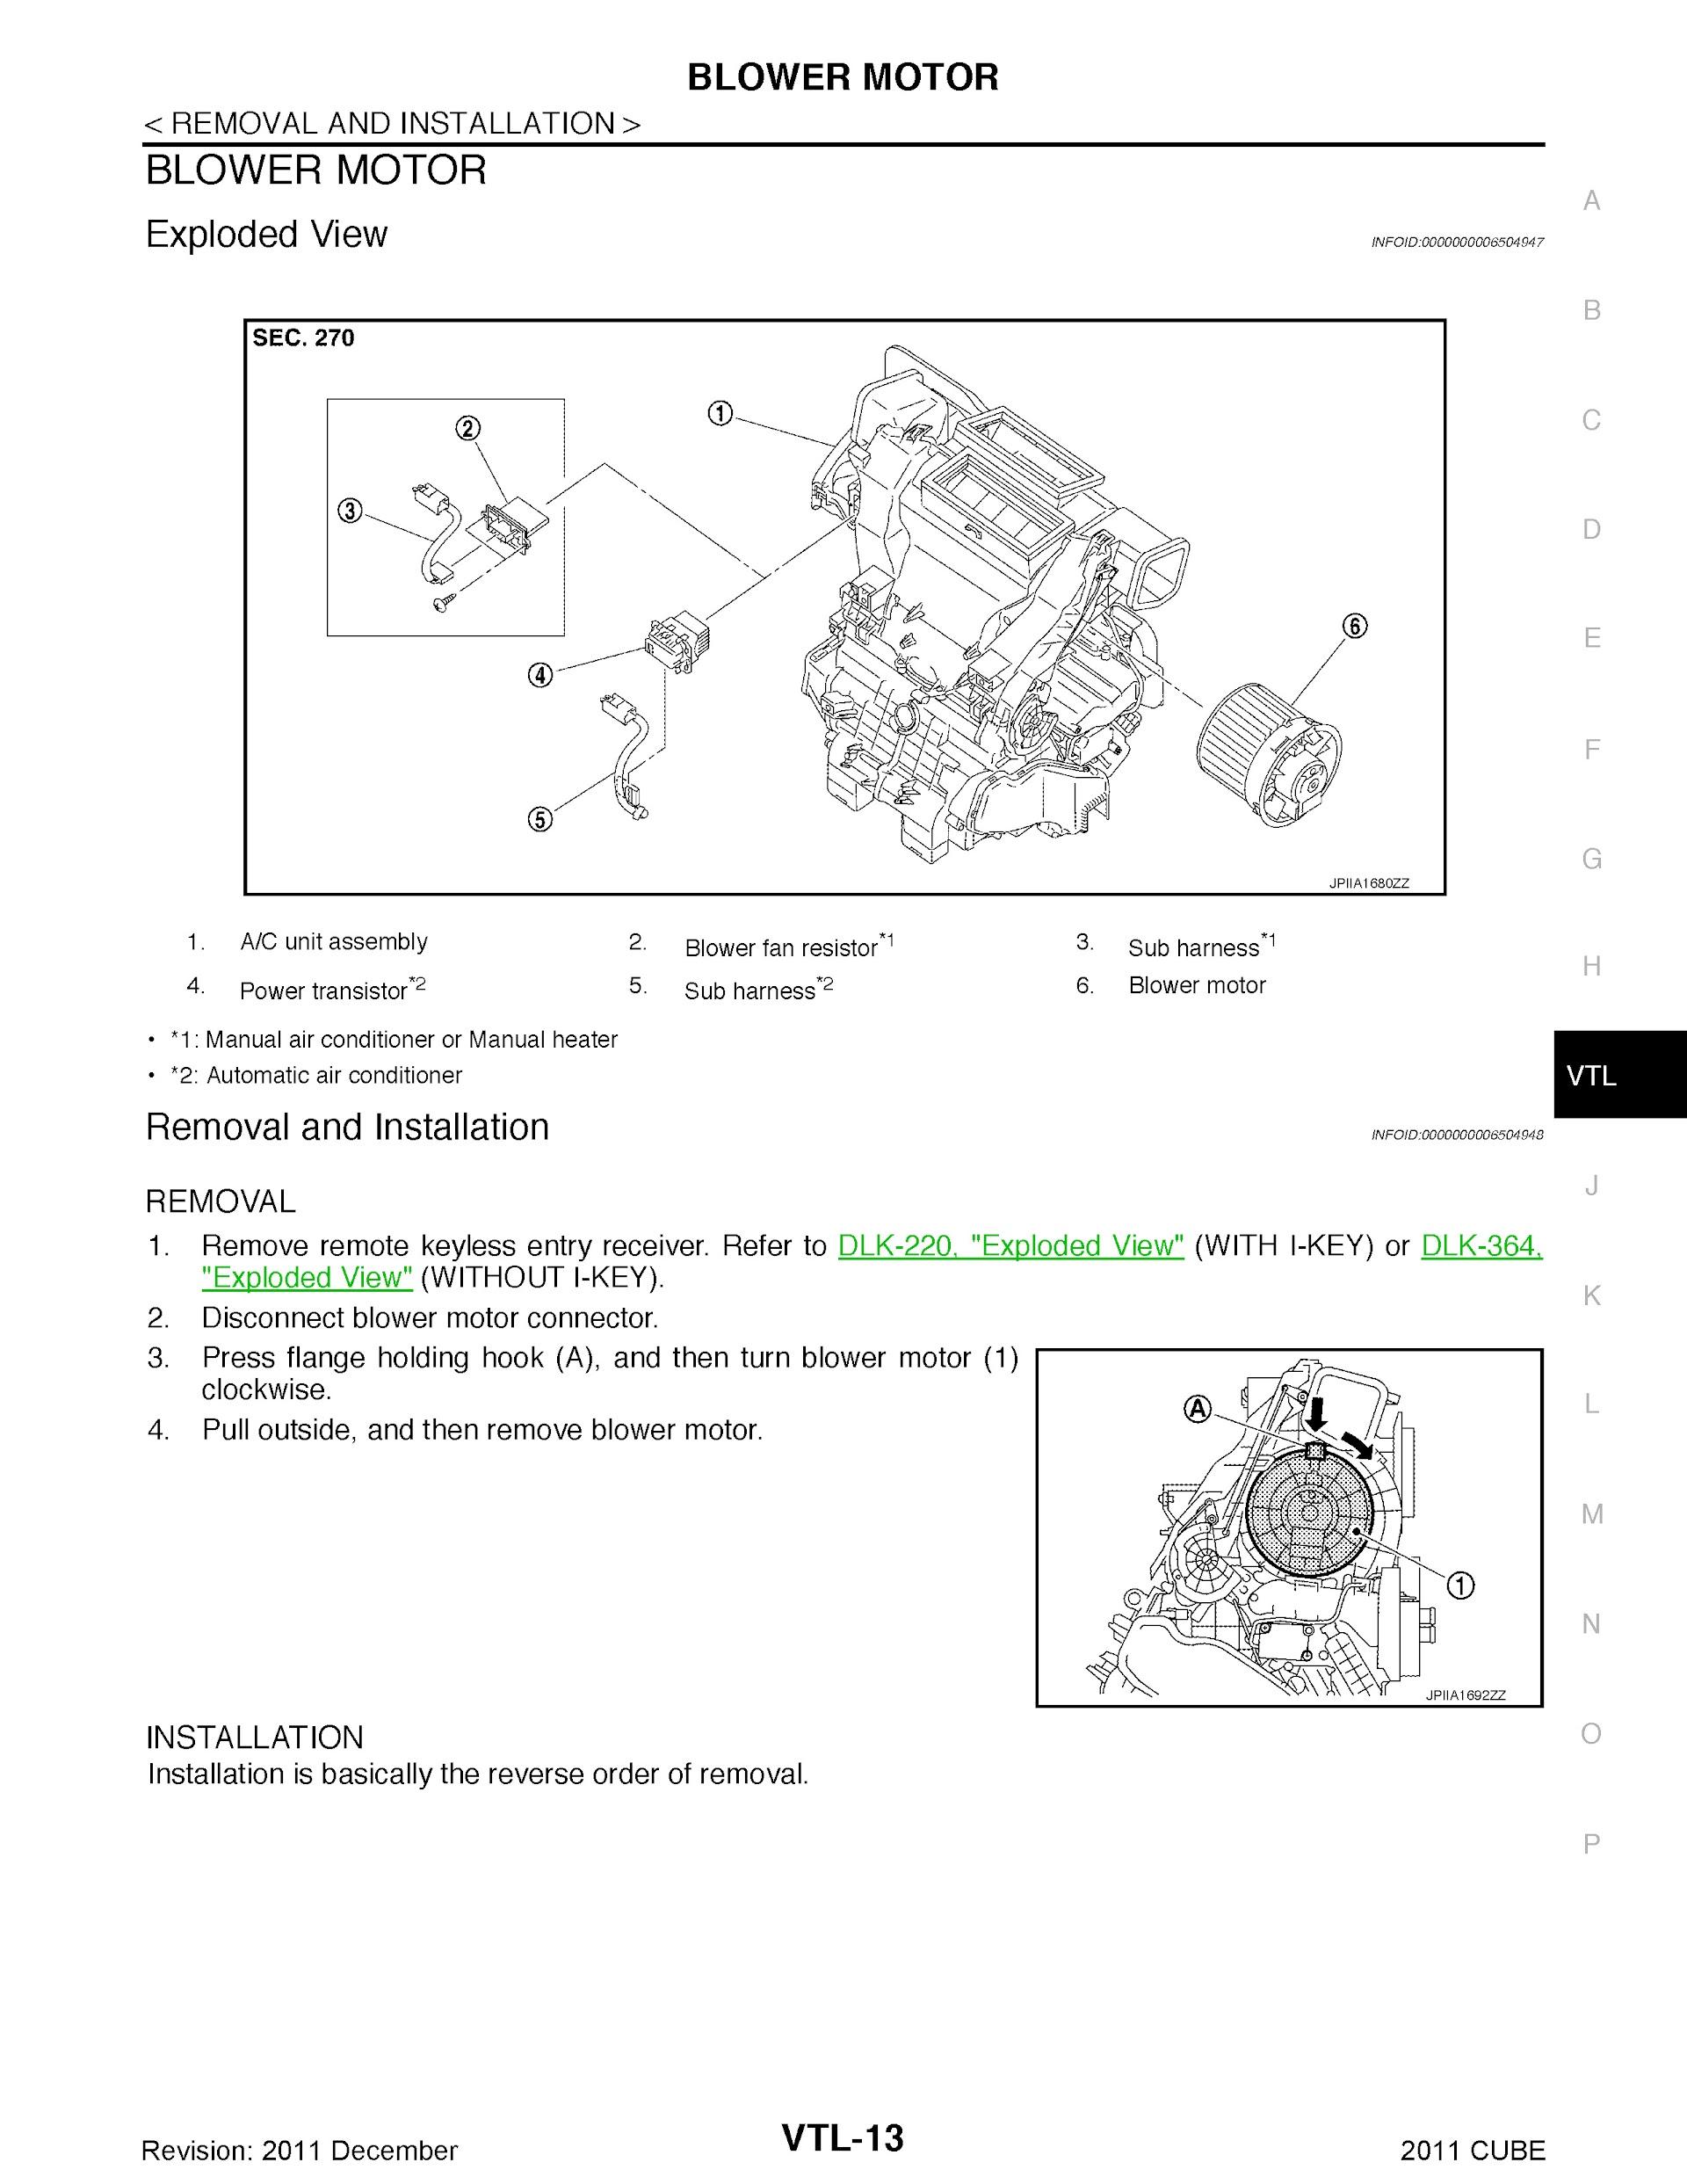 Download 2011 Nissan Cube Repair Manual.